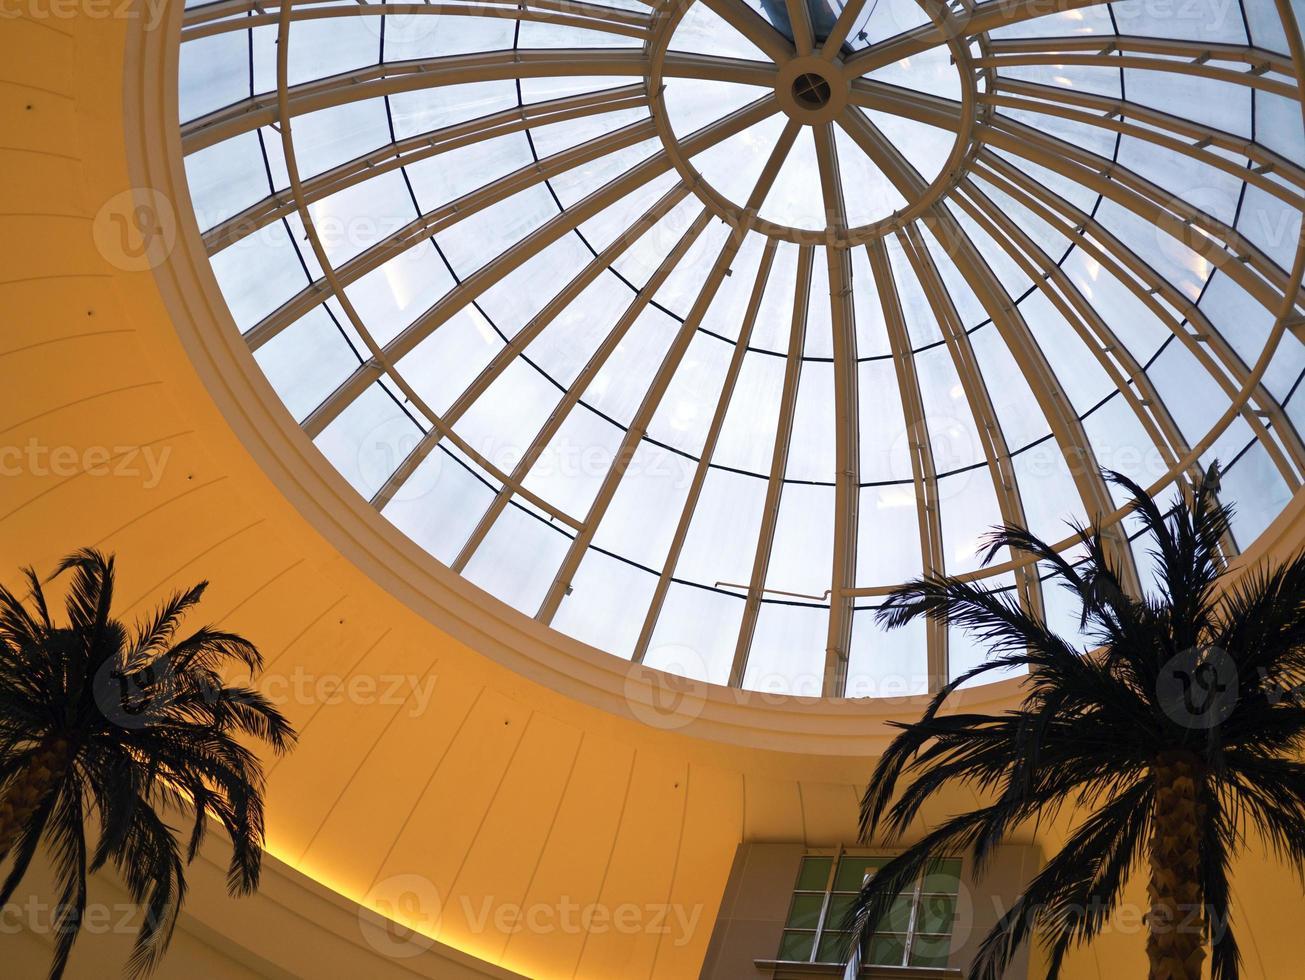 scenic of dome photo